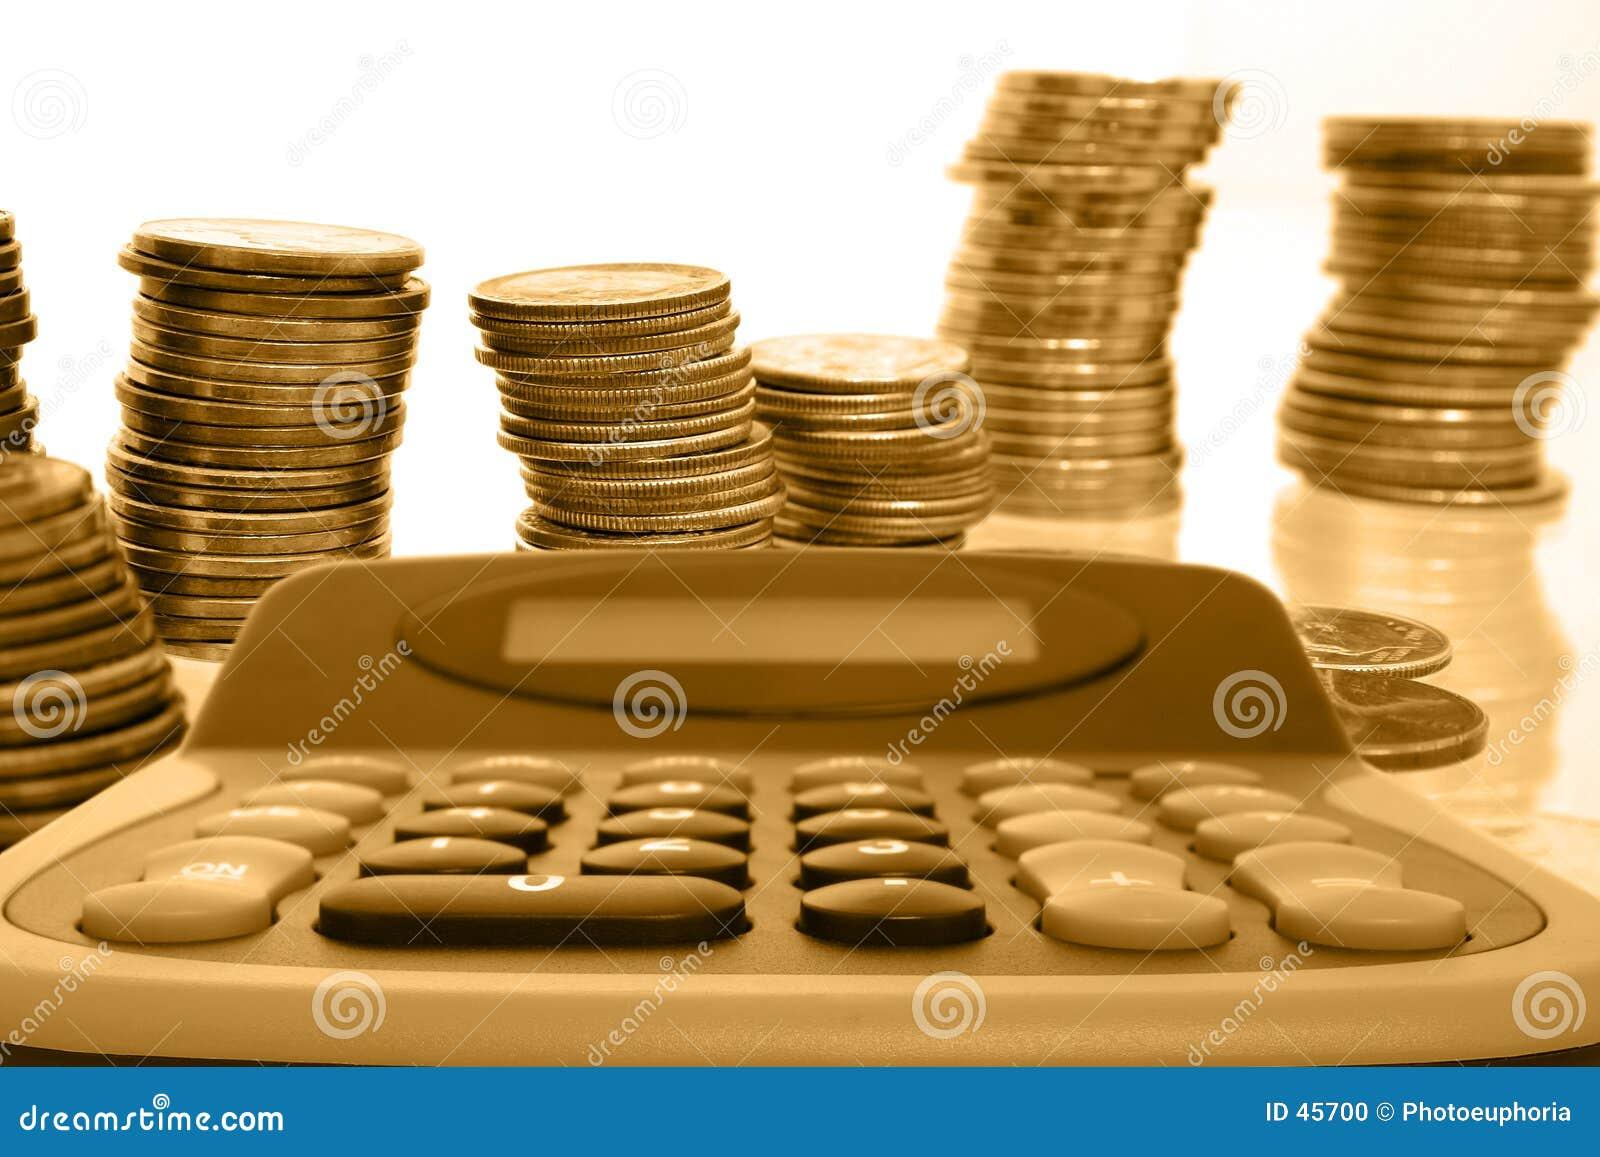 计算器硬币货币栈